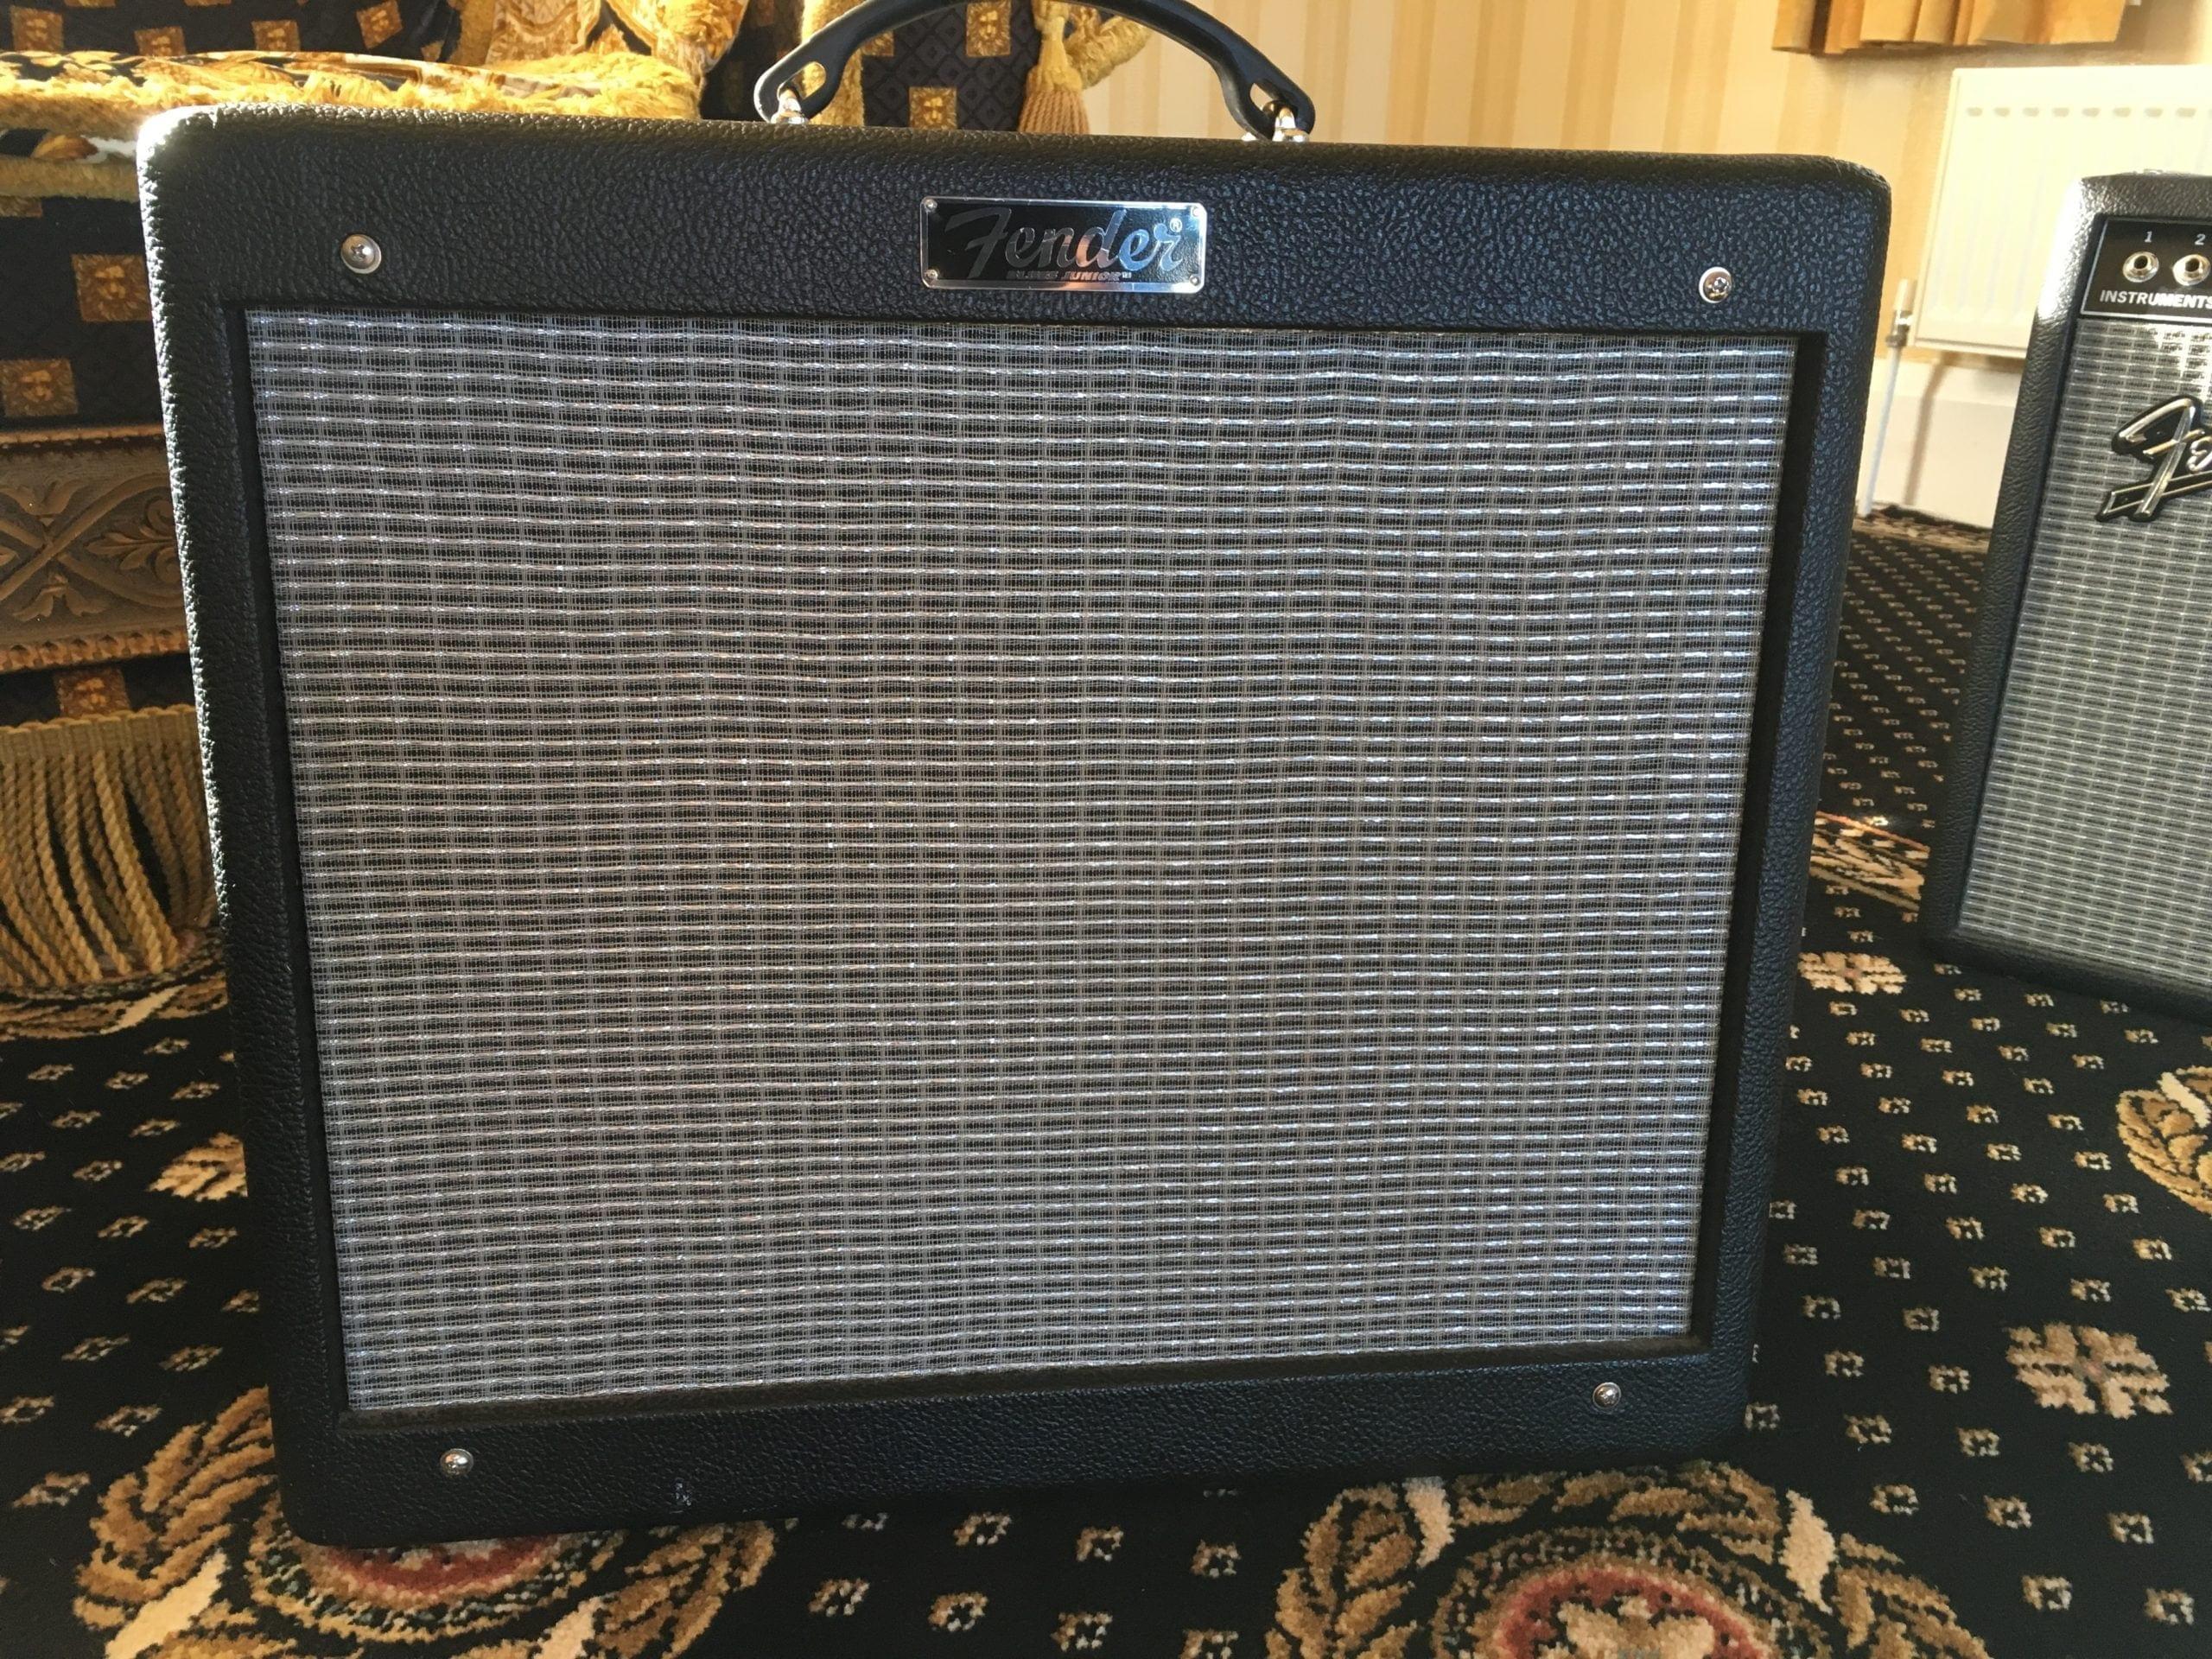 Fender Hot Rod Deluxe Image